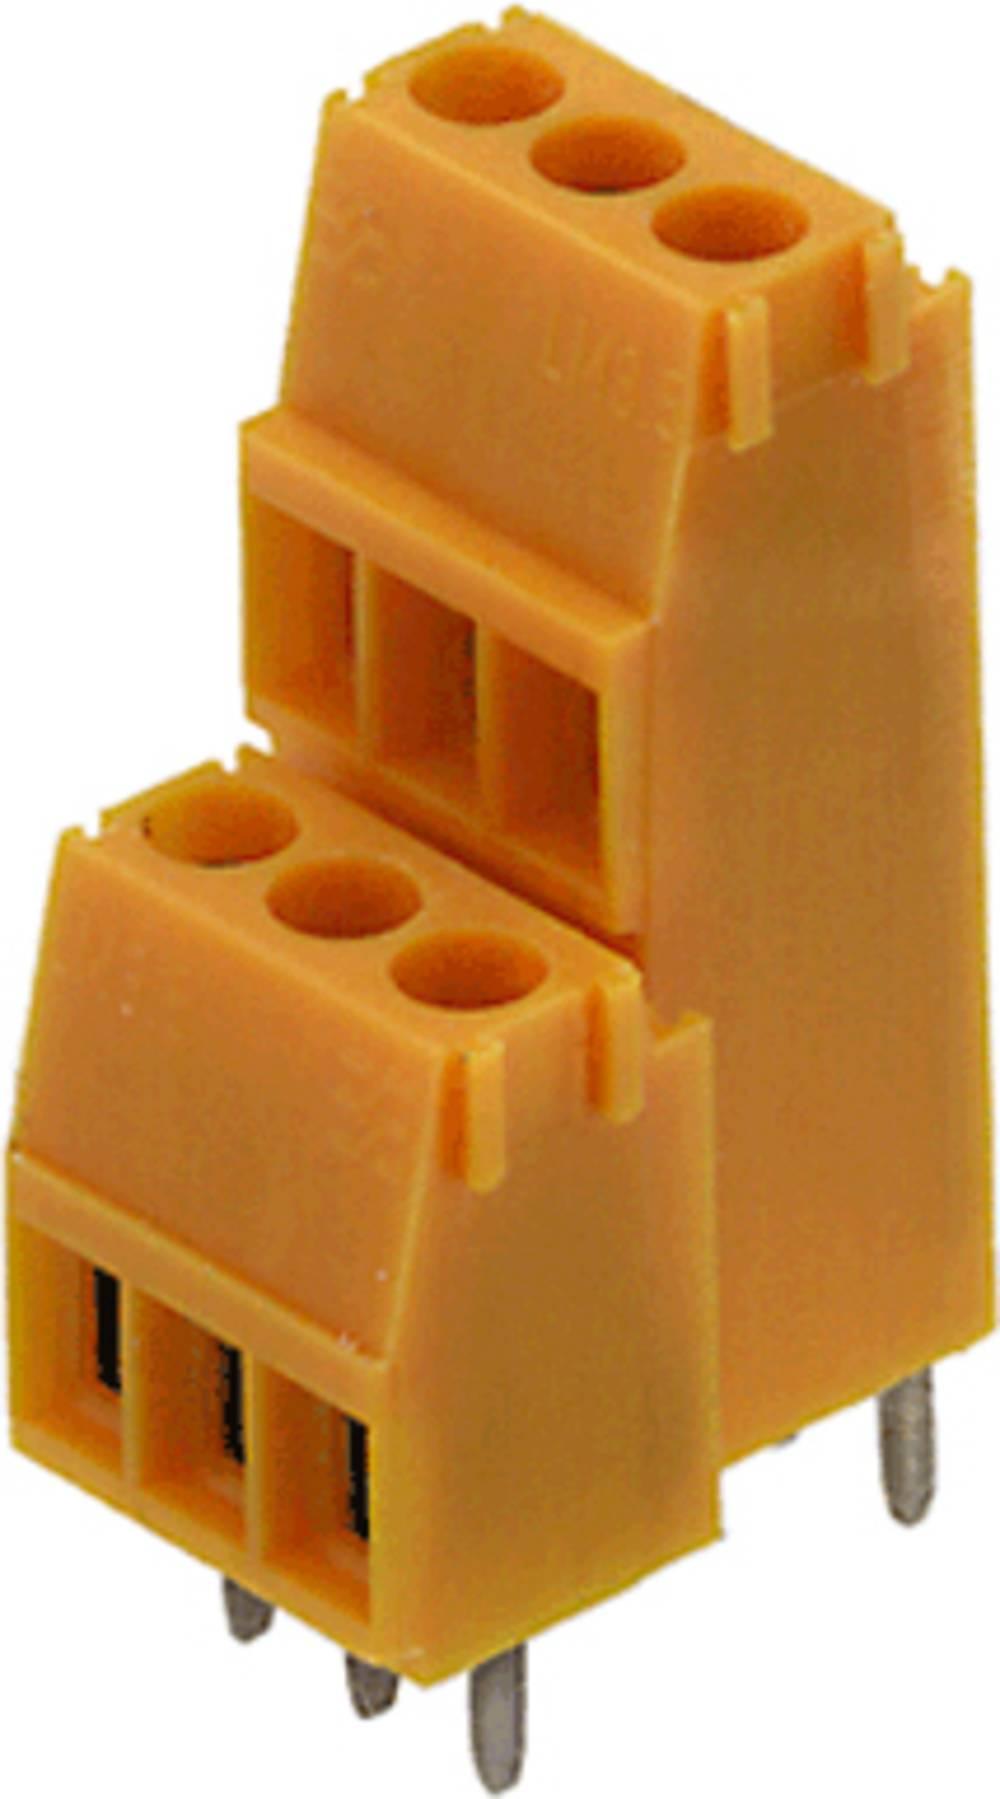 Dobbeltrækkeklemme Weidmüller LM2N 3.50/24/90 3.2SN OR BX 1.50 mm² Poltal 24 Orange 25 stk